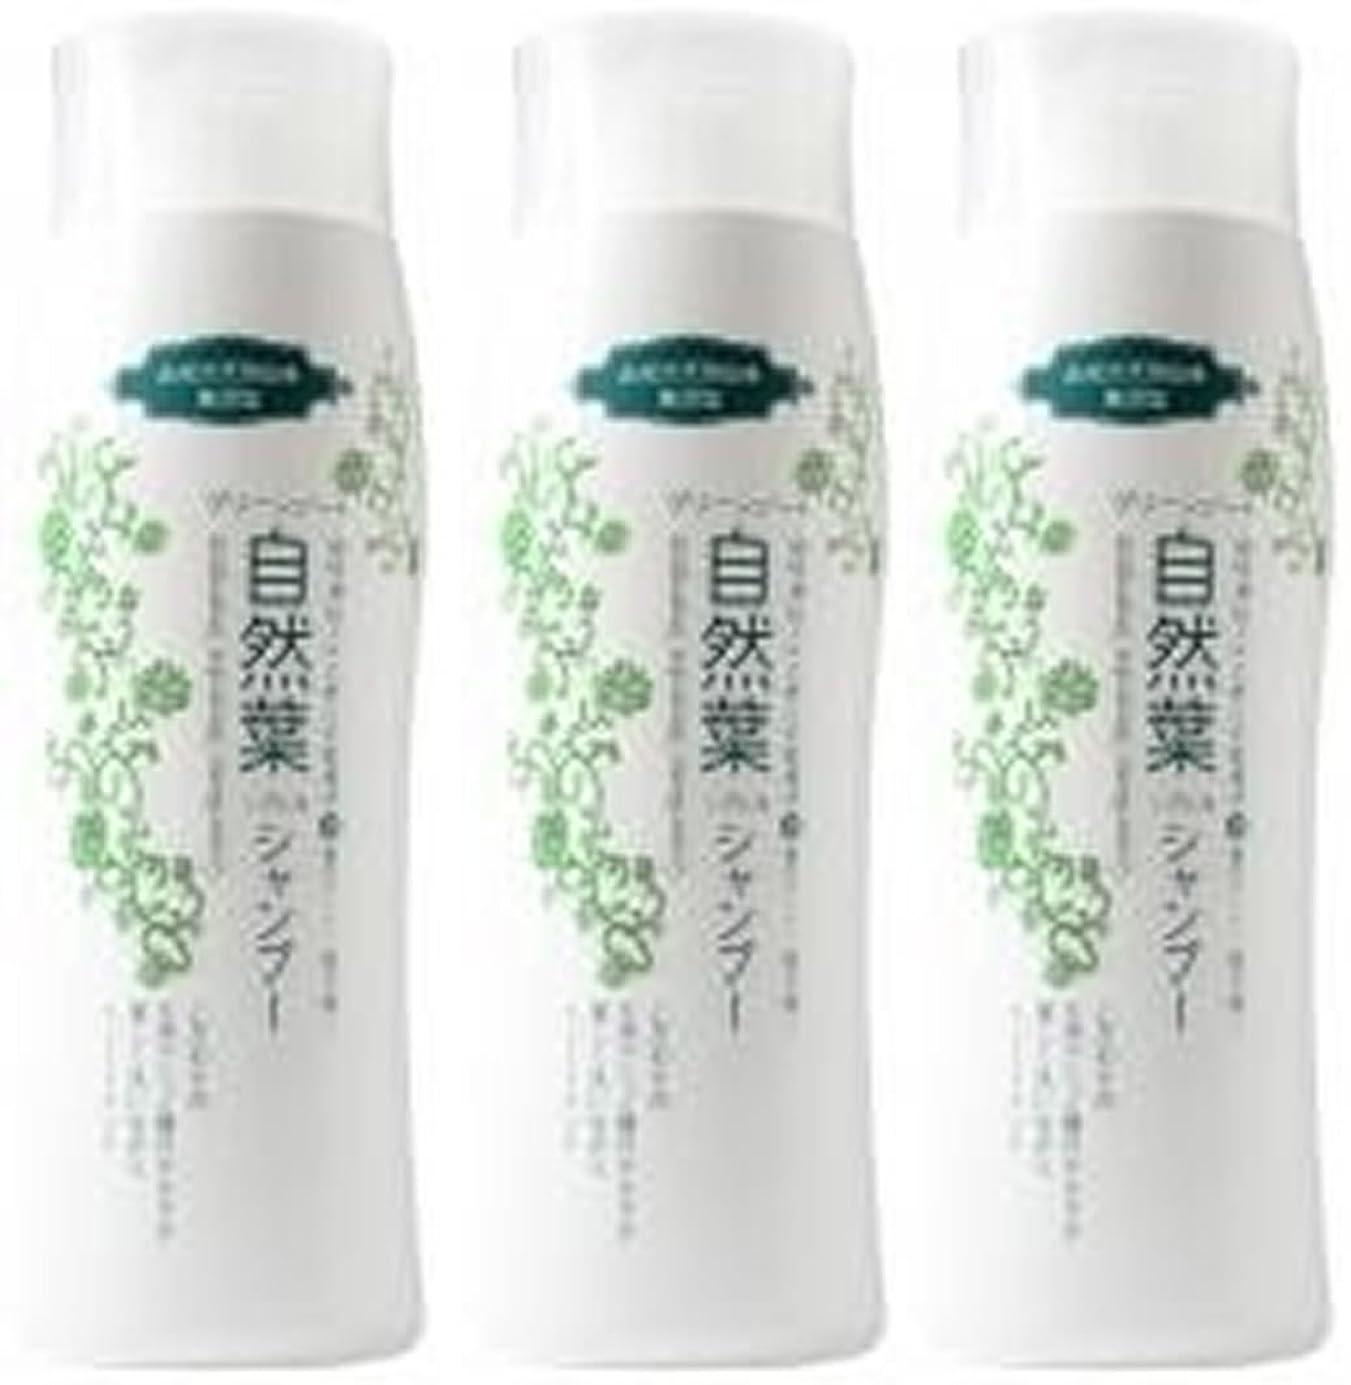 息子茎体系的にグリーンノート 18種天然アミノ酸 自然葉シャンプー 300ml   3本セット